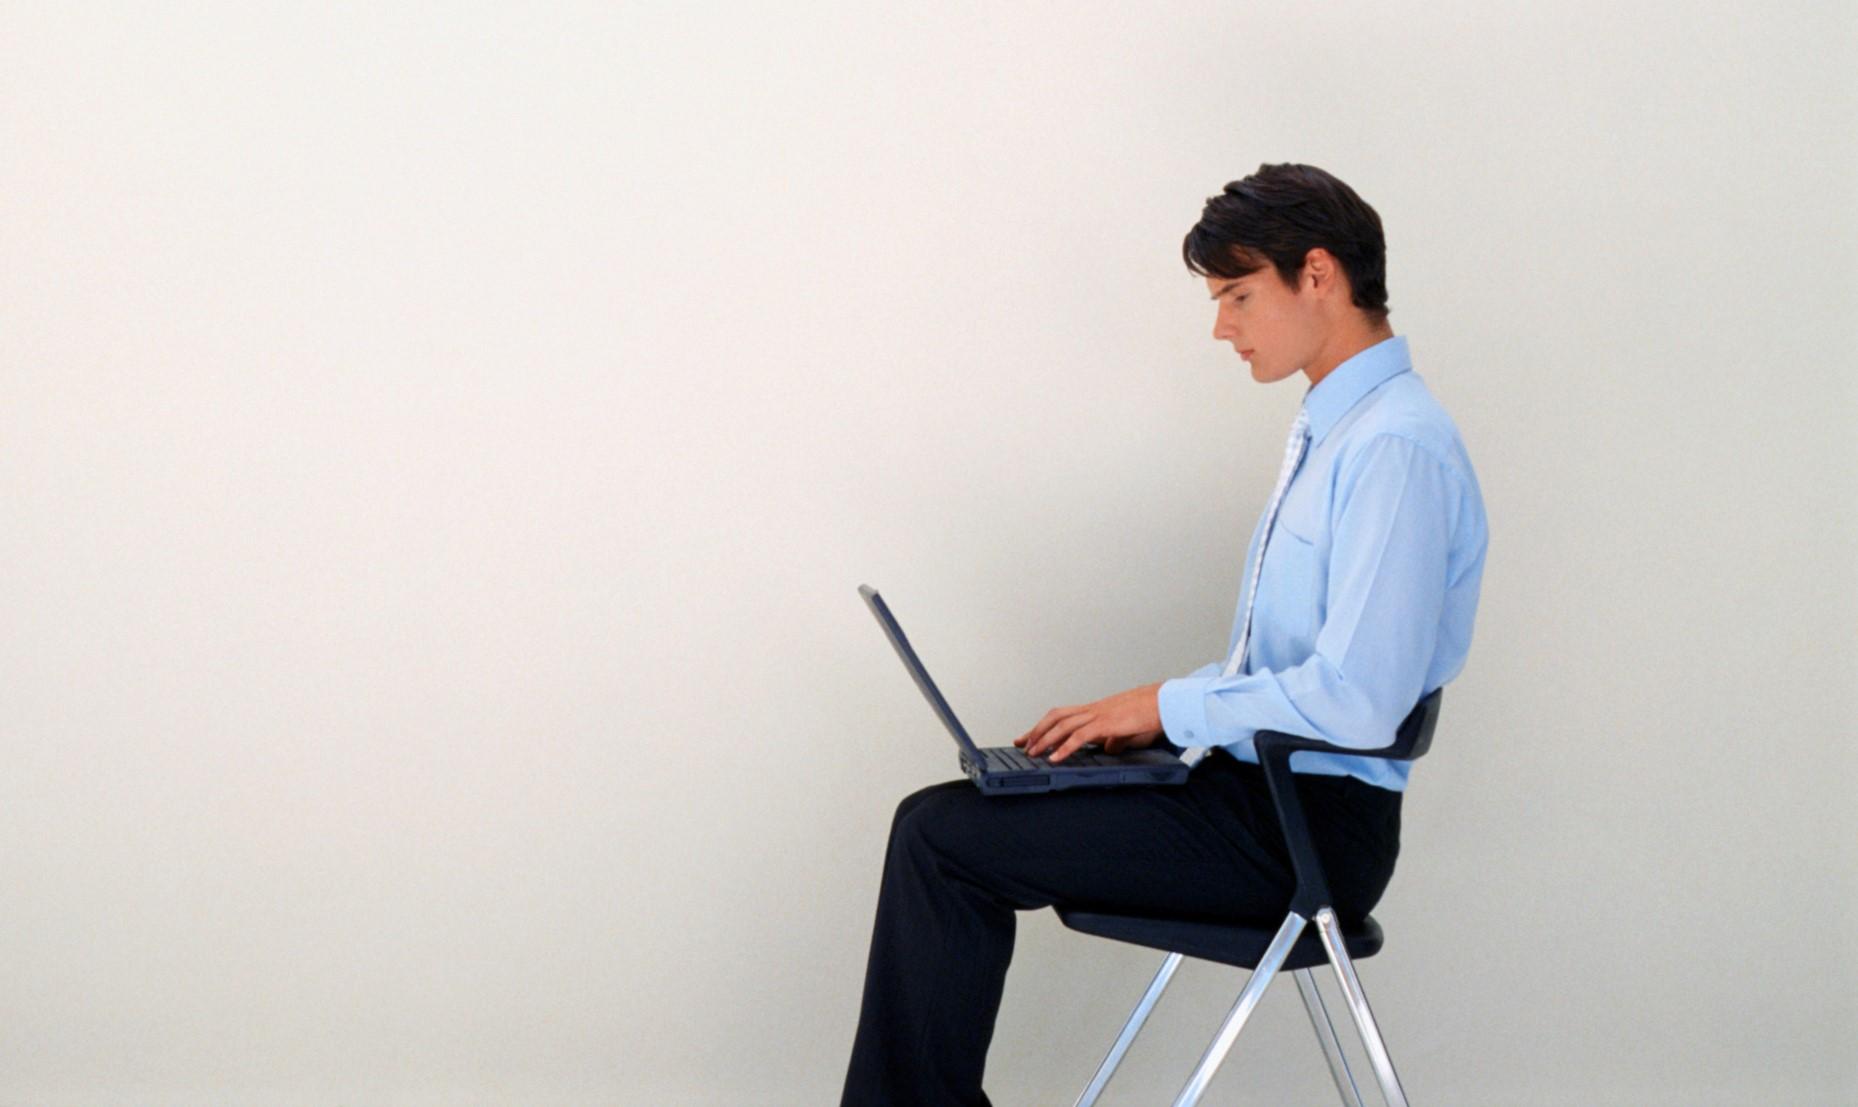 """だるいのは""""姿勢の悪さ""""が原因かも。「正しいイスの座り方」を専門家が伝授"""